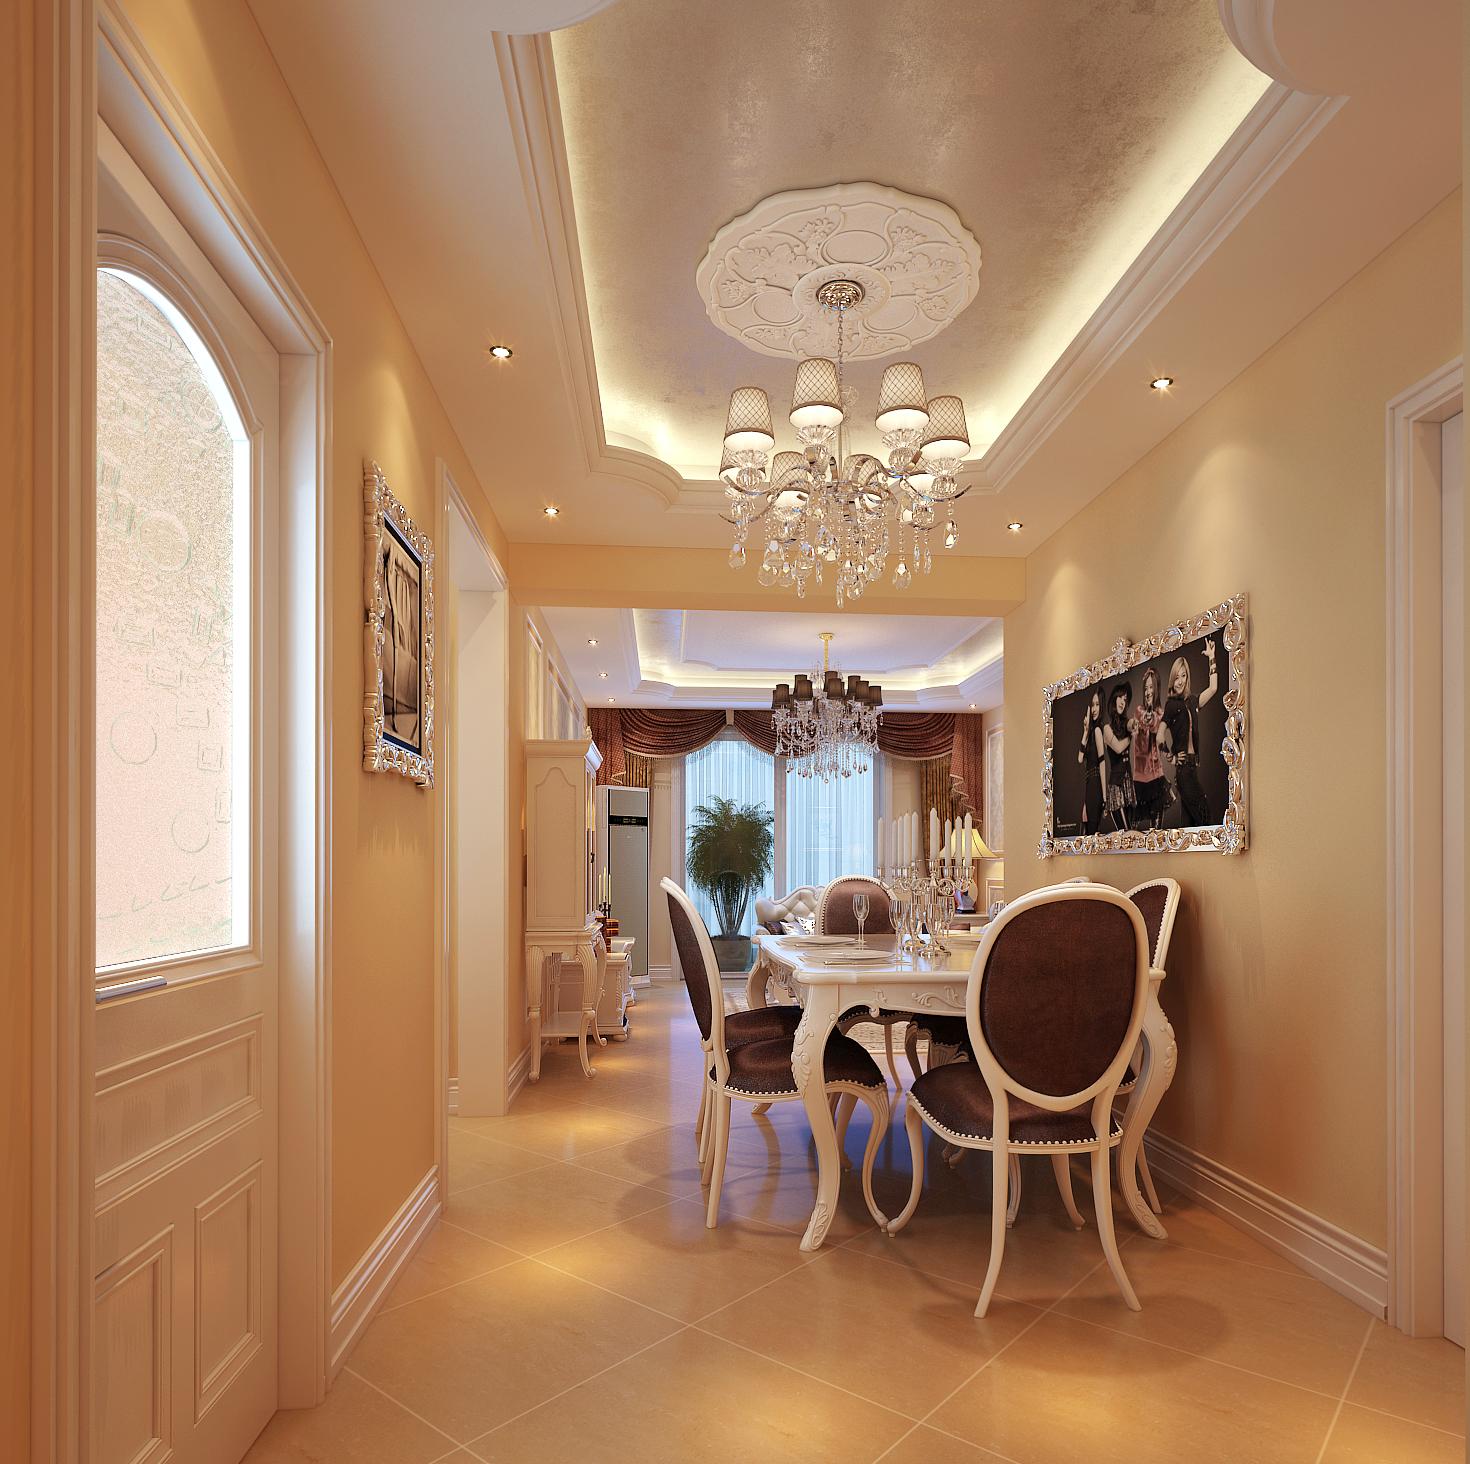 简约 二居 80后 小资 法式风格 浪漫 欧式 收纳 白领 餐厅图片来自北京实创装饰石头在金地仰山法式风格两居,典雅浪漫的分享